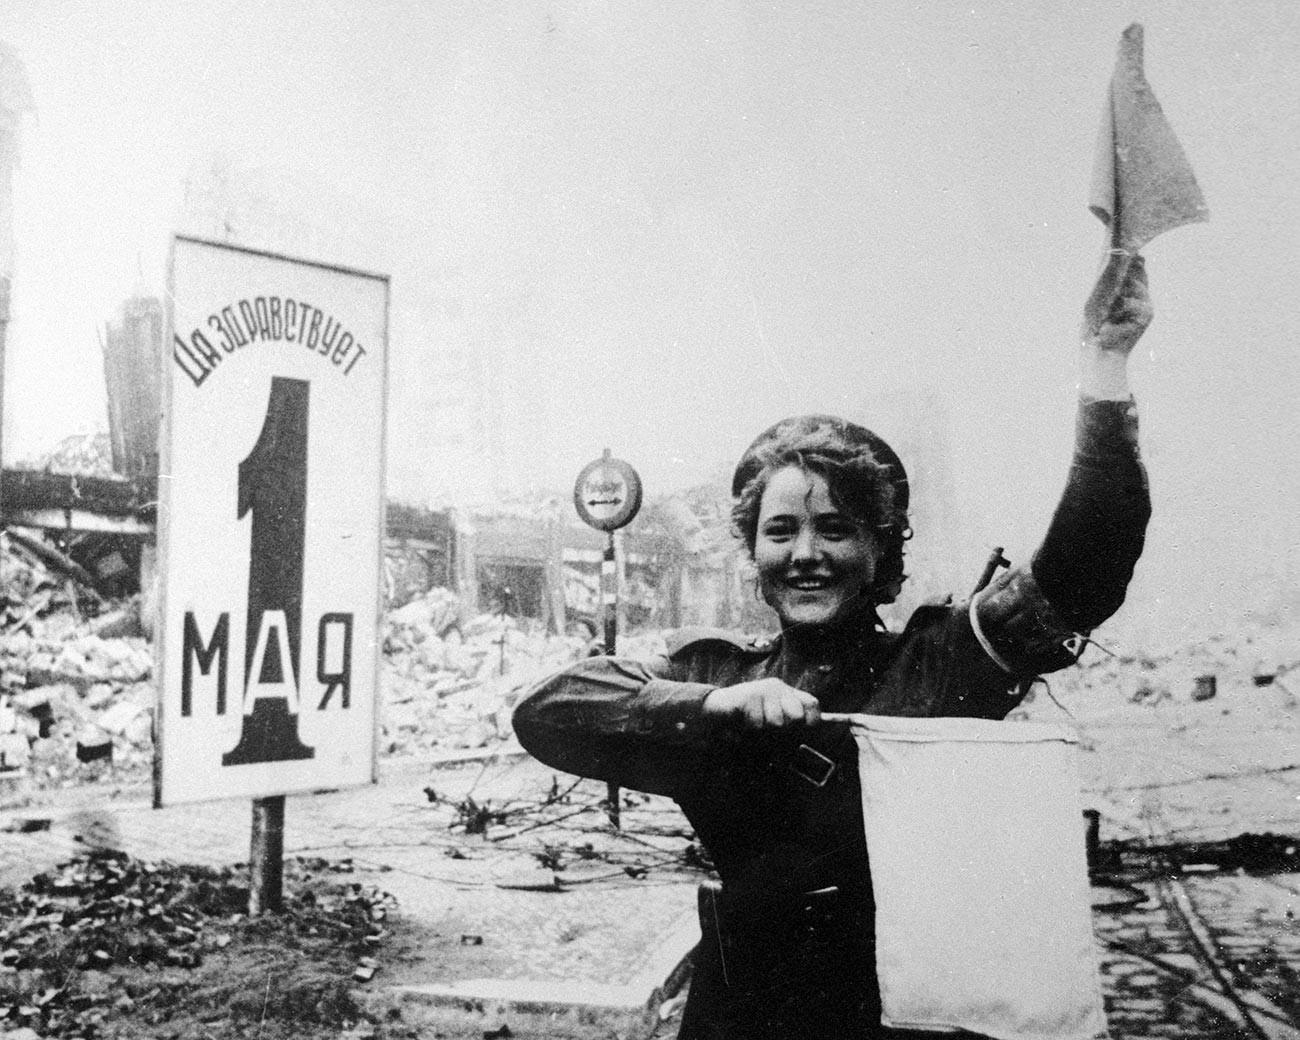 Militärverkehrspolizistin Maria Schalnewa auf dem Alexanderplatz in Berlin am 1. Mai 1945.